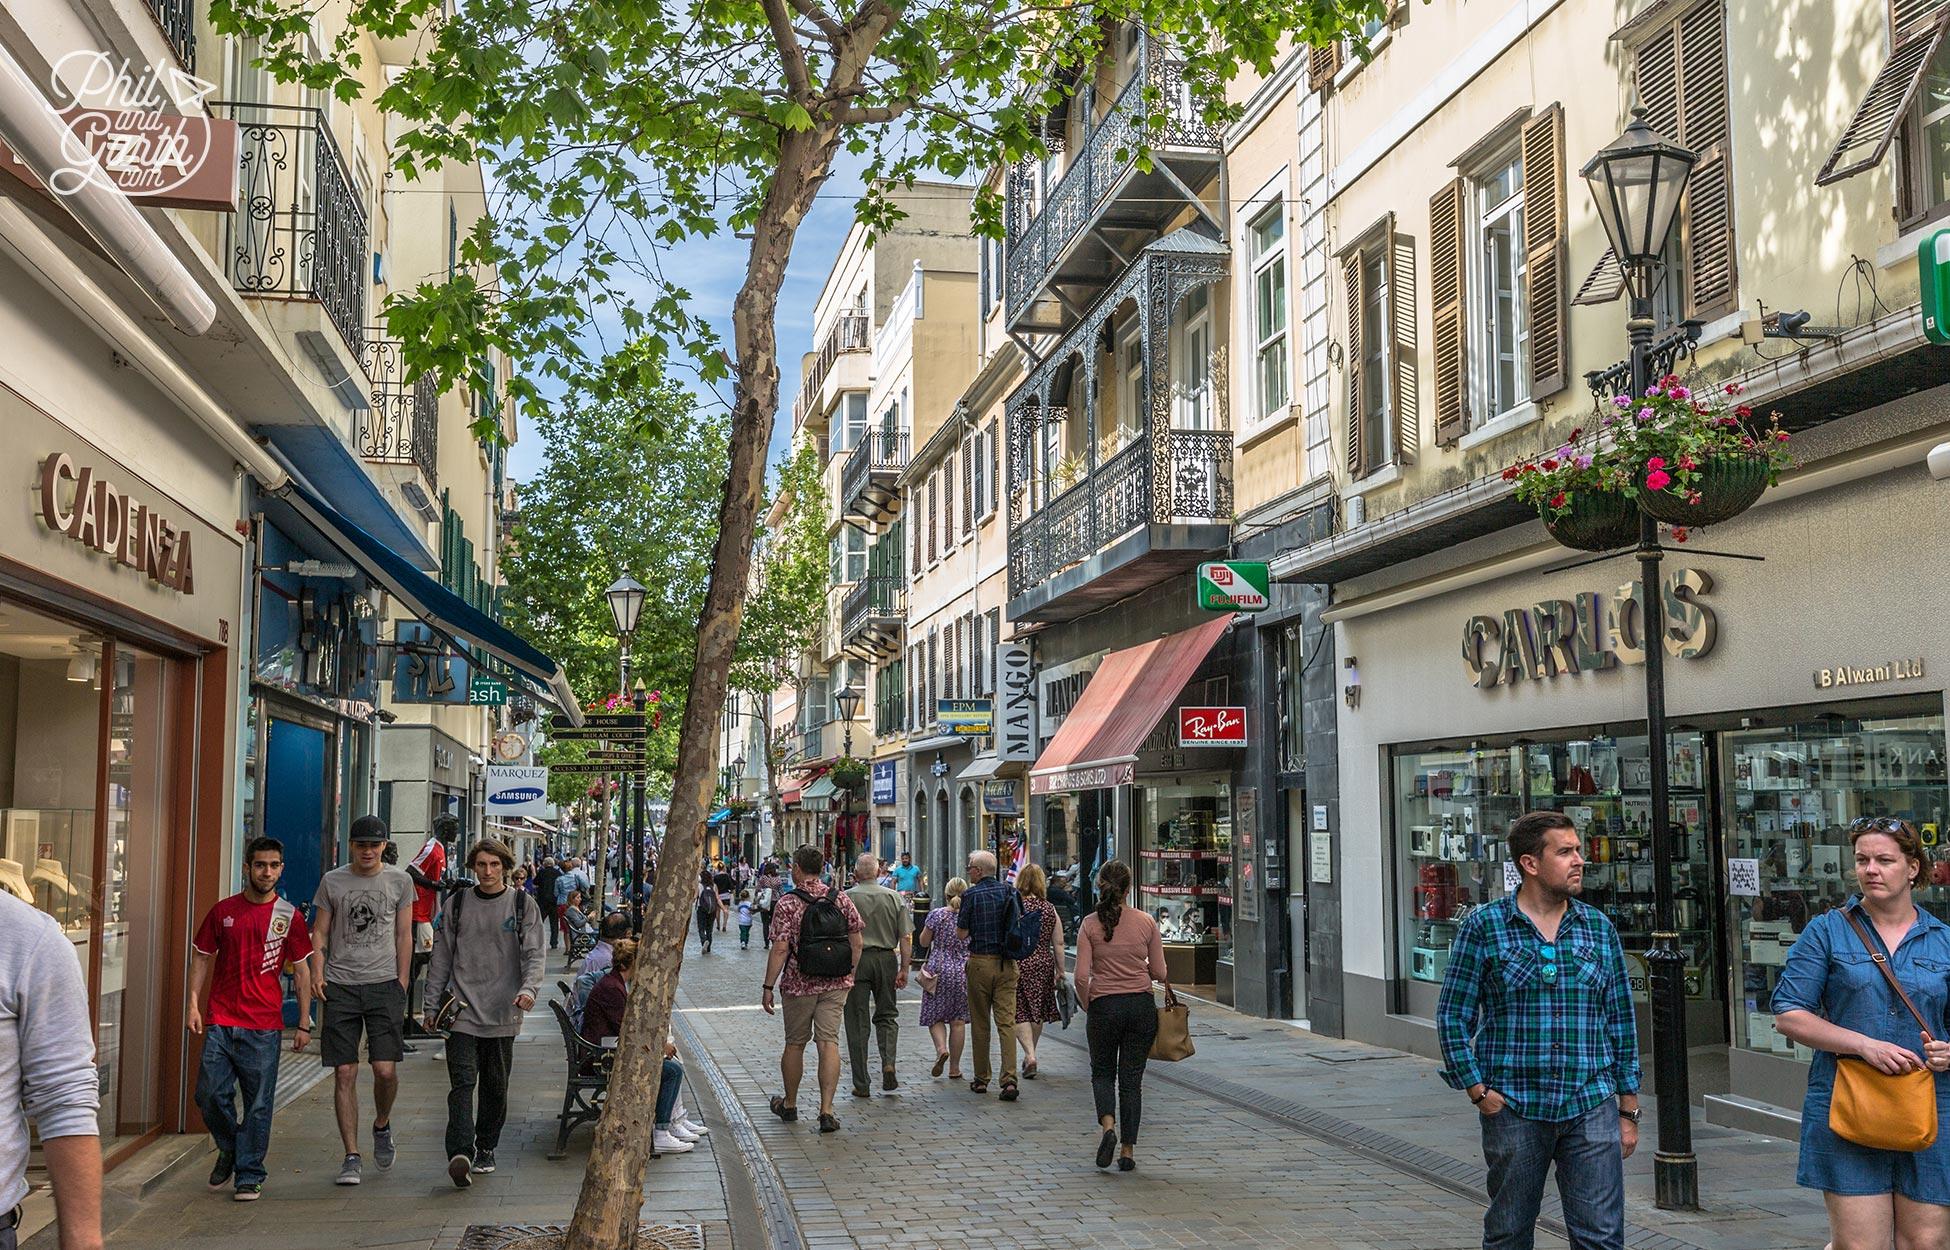 Tax free shops of Main Street